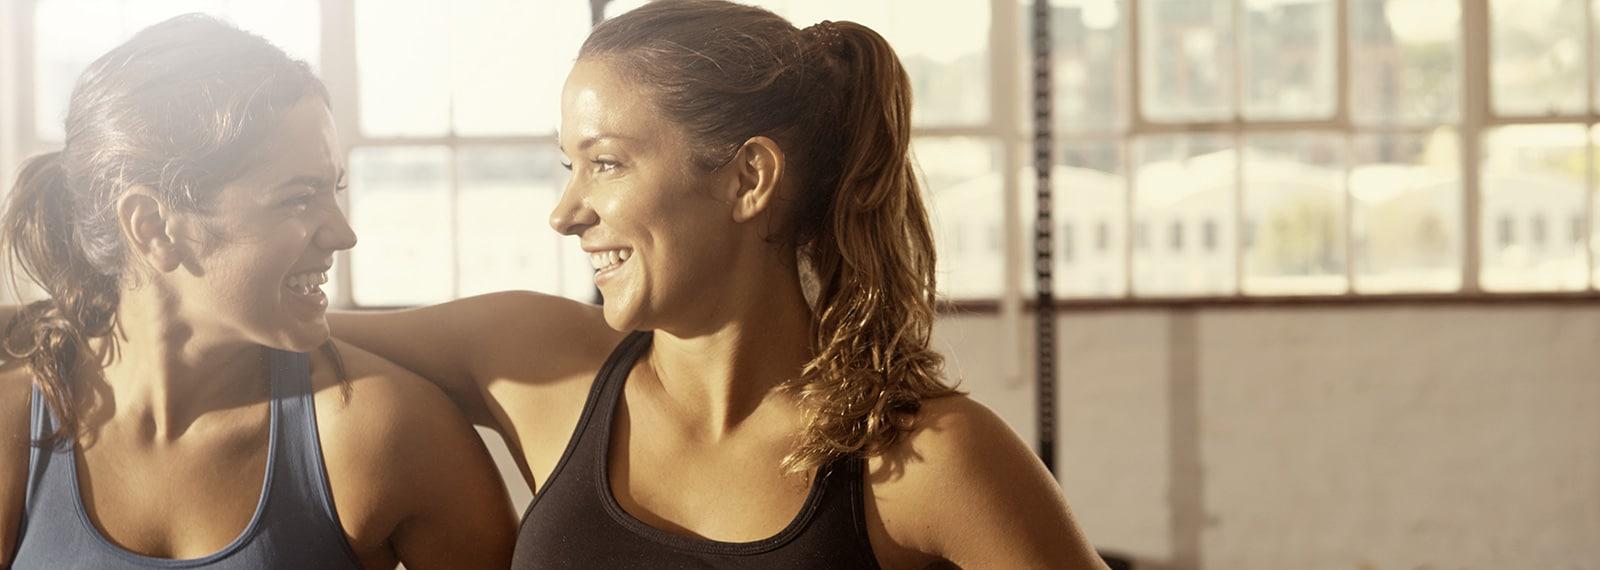 Freundinnen-trainieren-im-Fitness-Loft-Woman